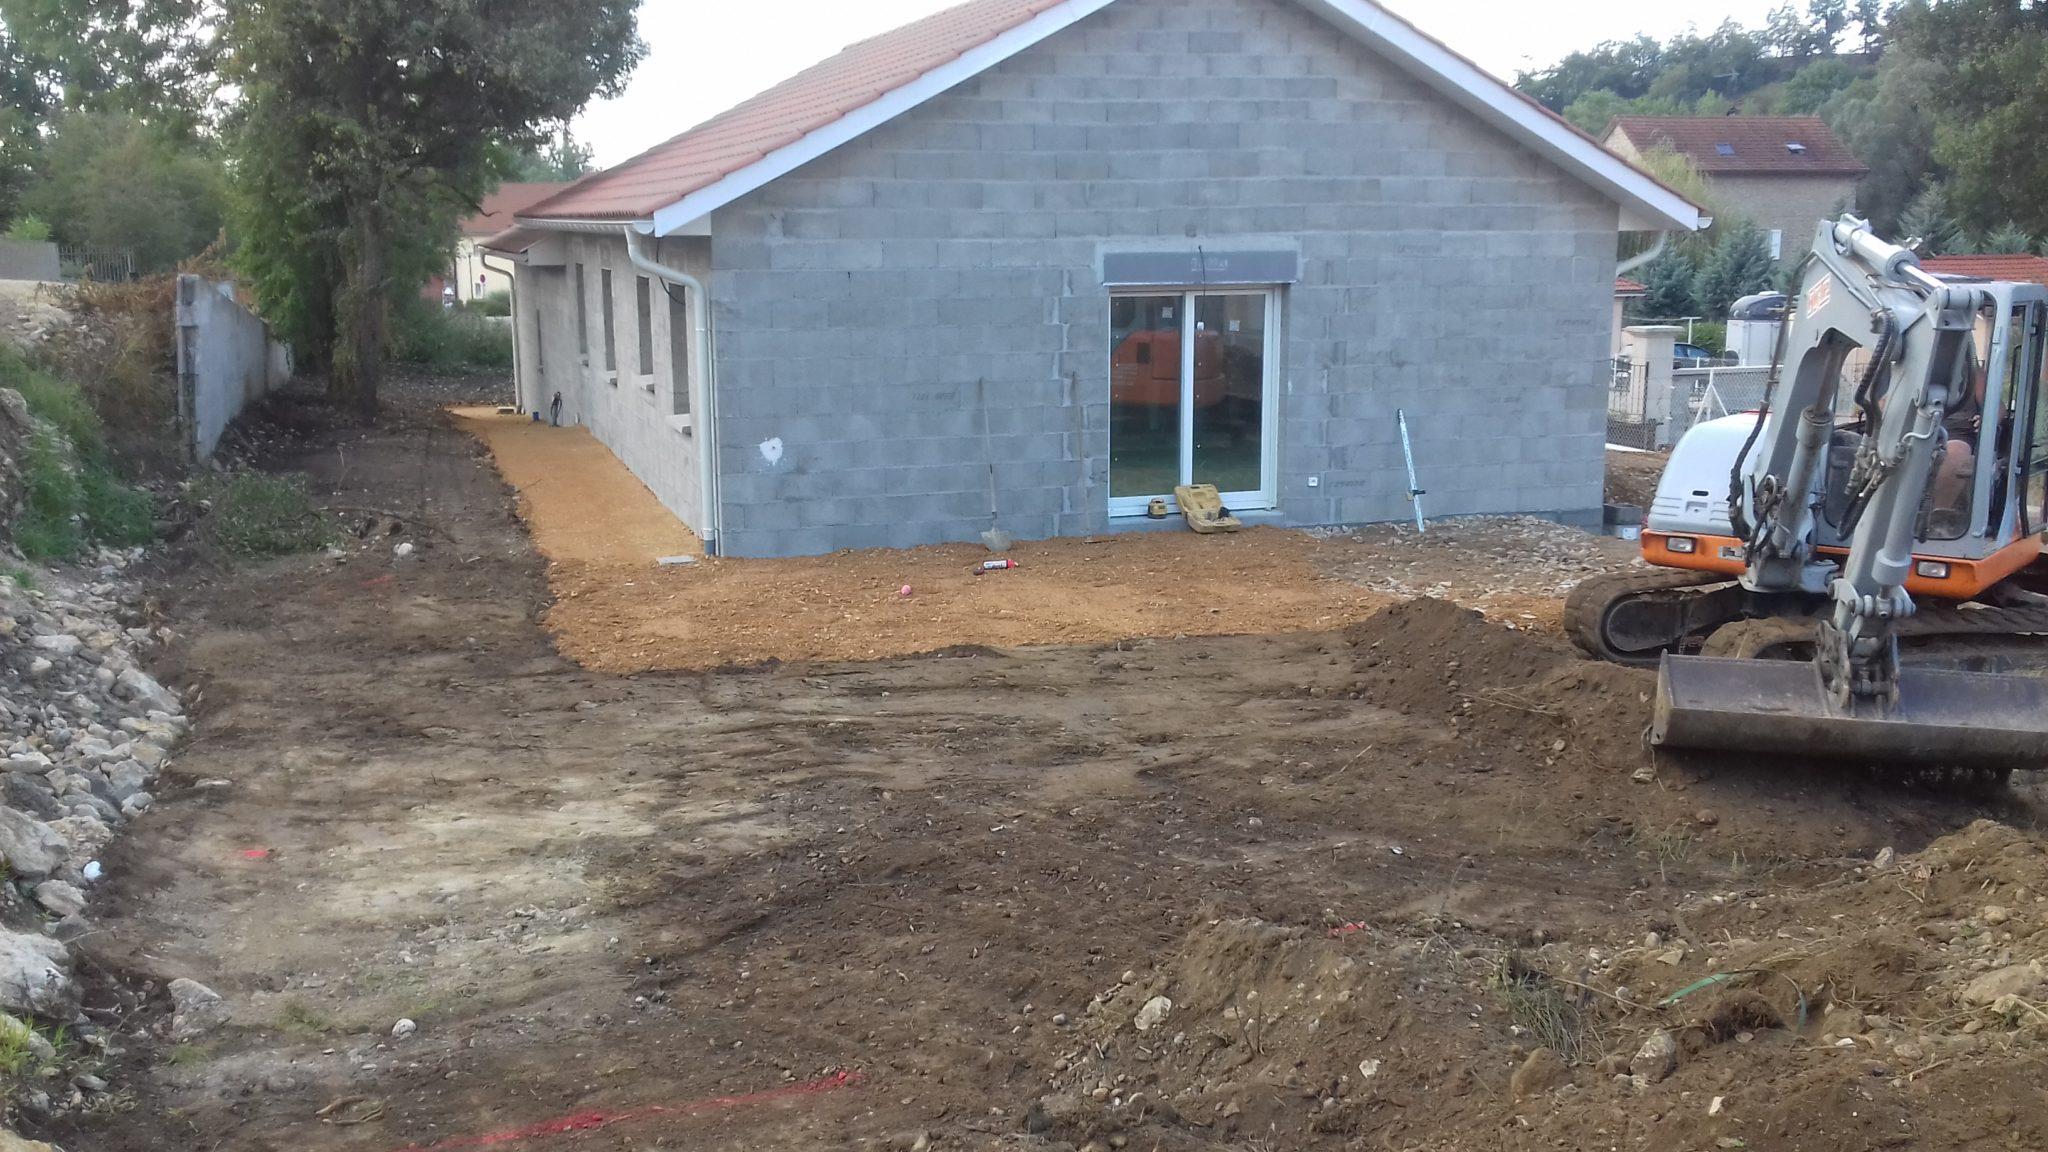 Remise en place de terre en fin de chantier